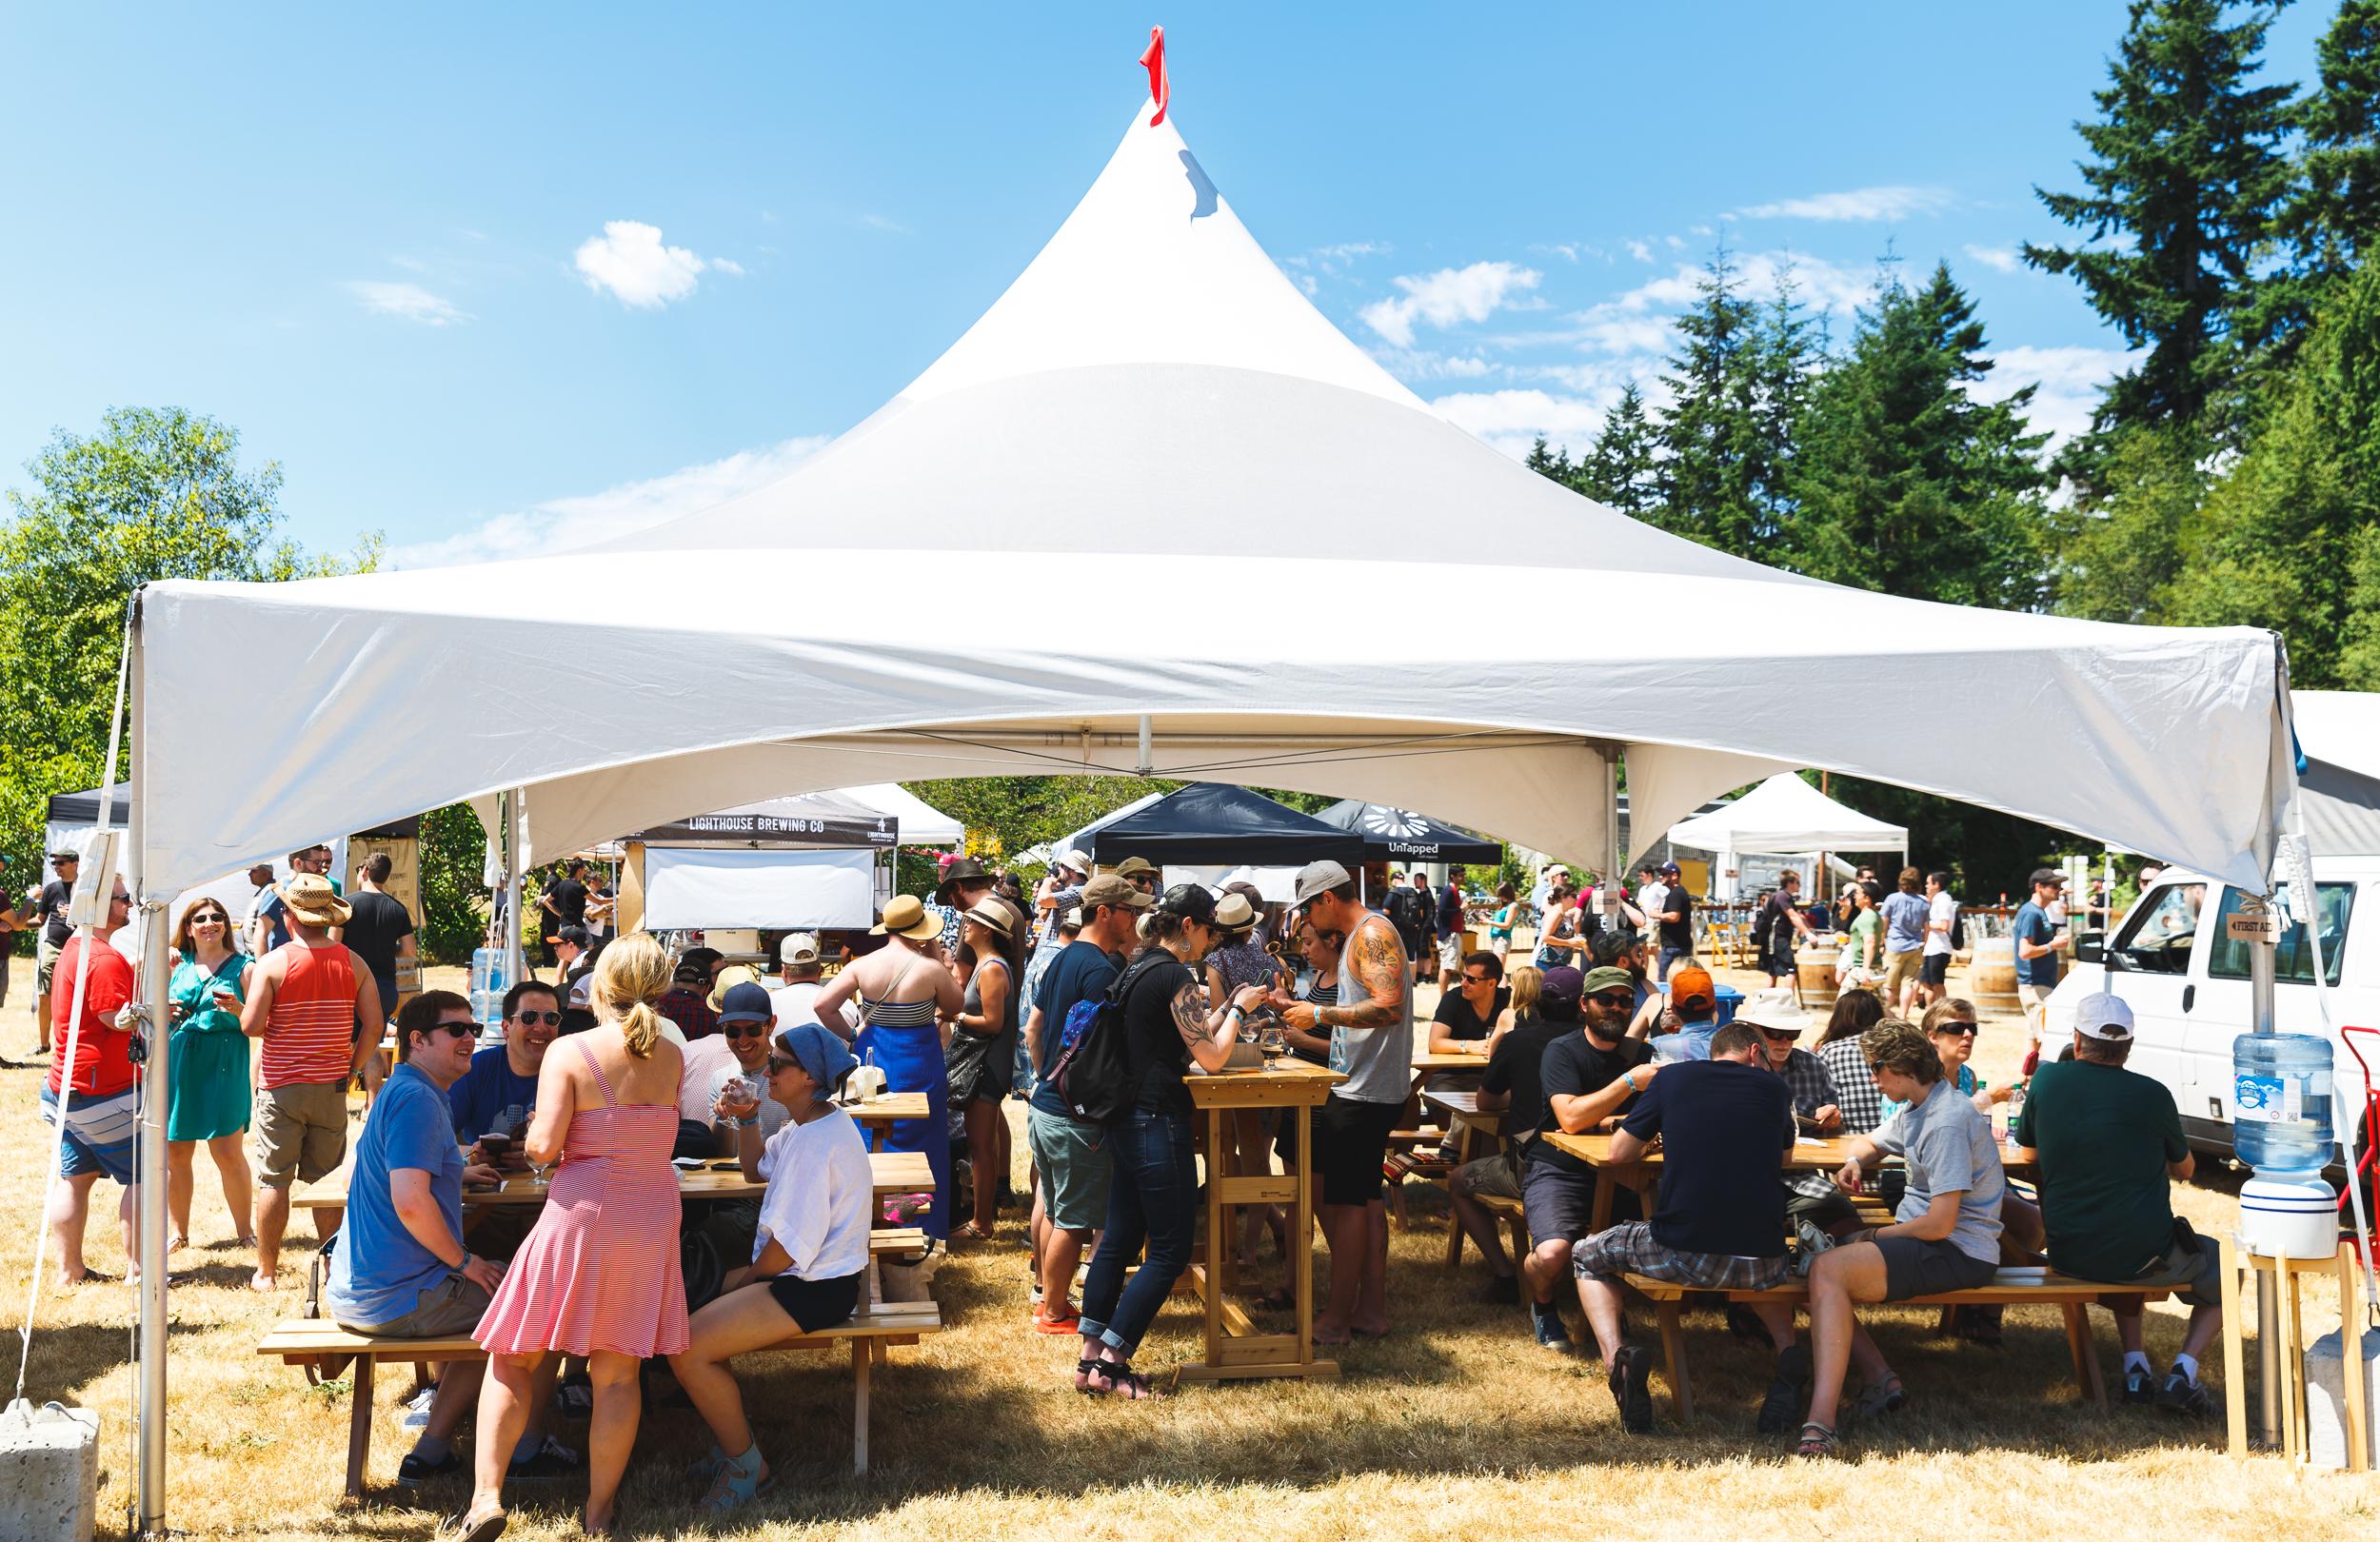 Farmhouse-Fest-Vancouver-image6.jpg